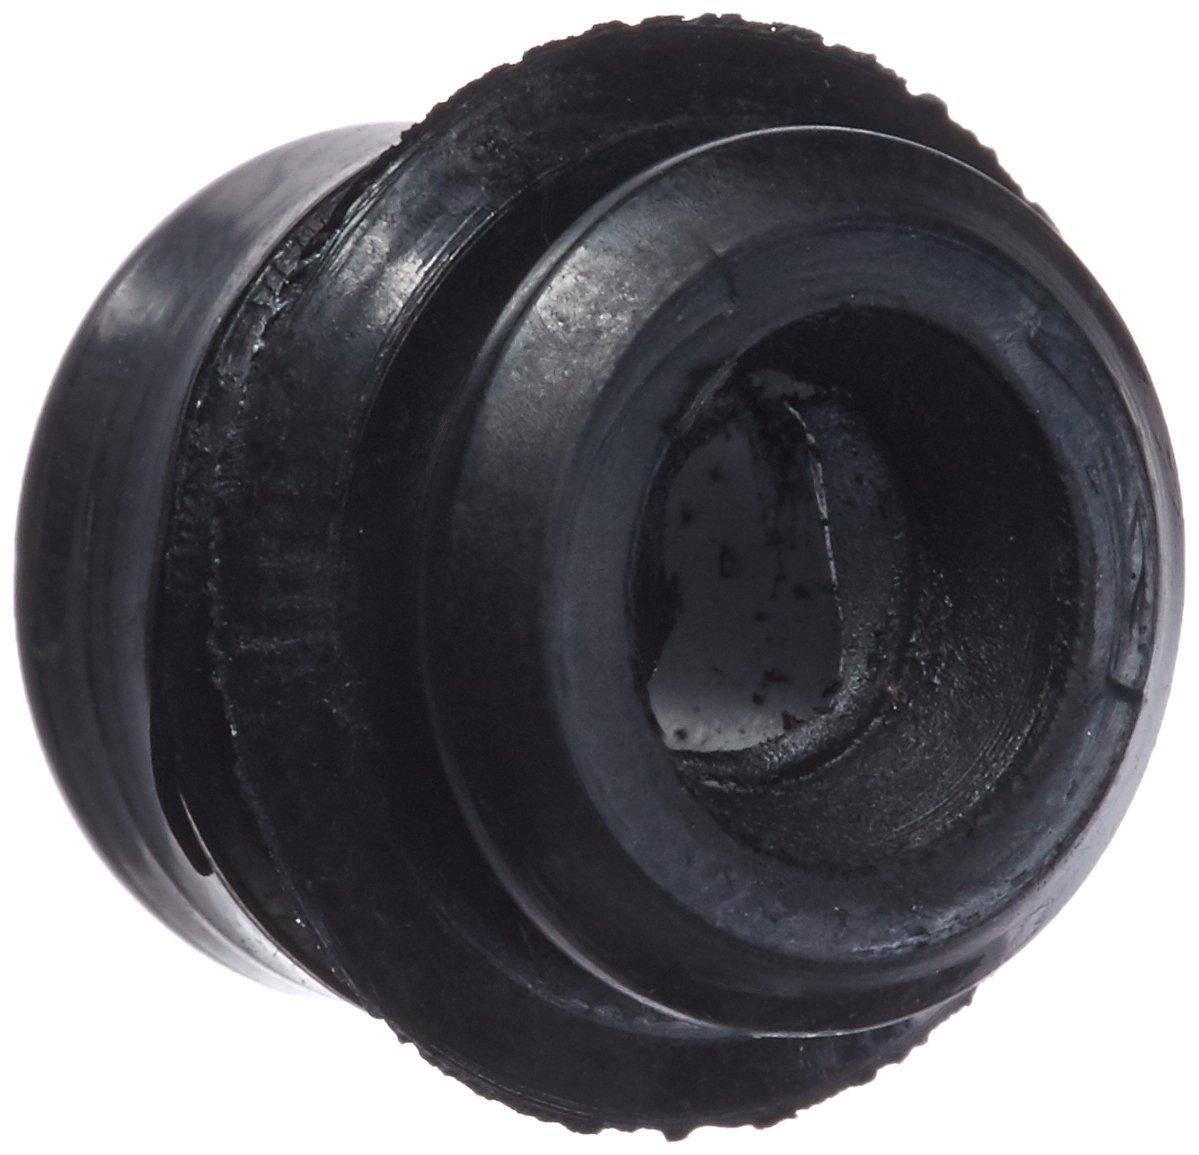 MTC 3072/116-070-00-77 Injector Nozzle Tip Seal (Mercedes models) 3072 / 116-070-00-77